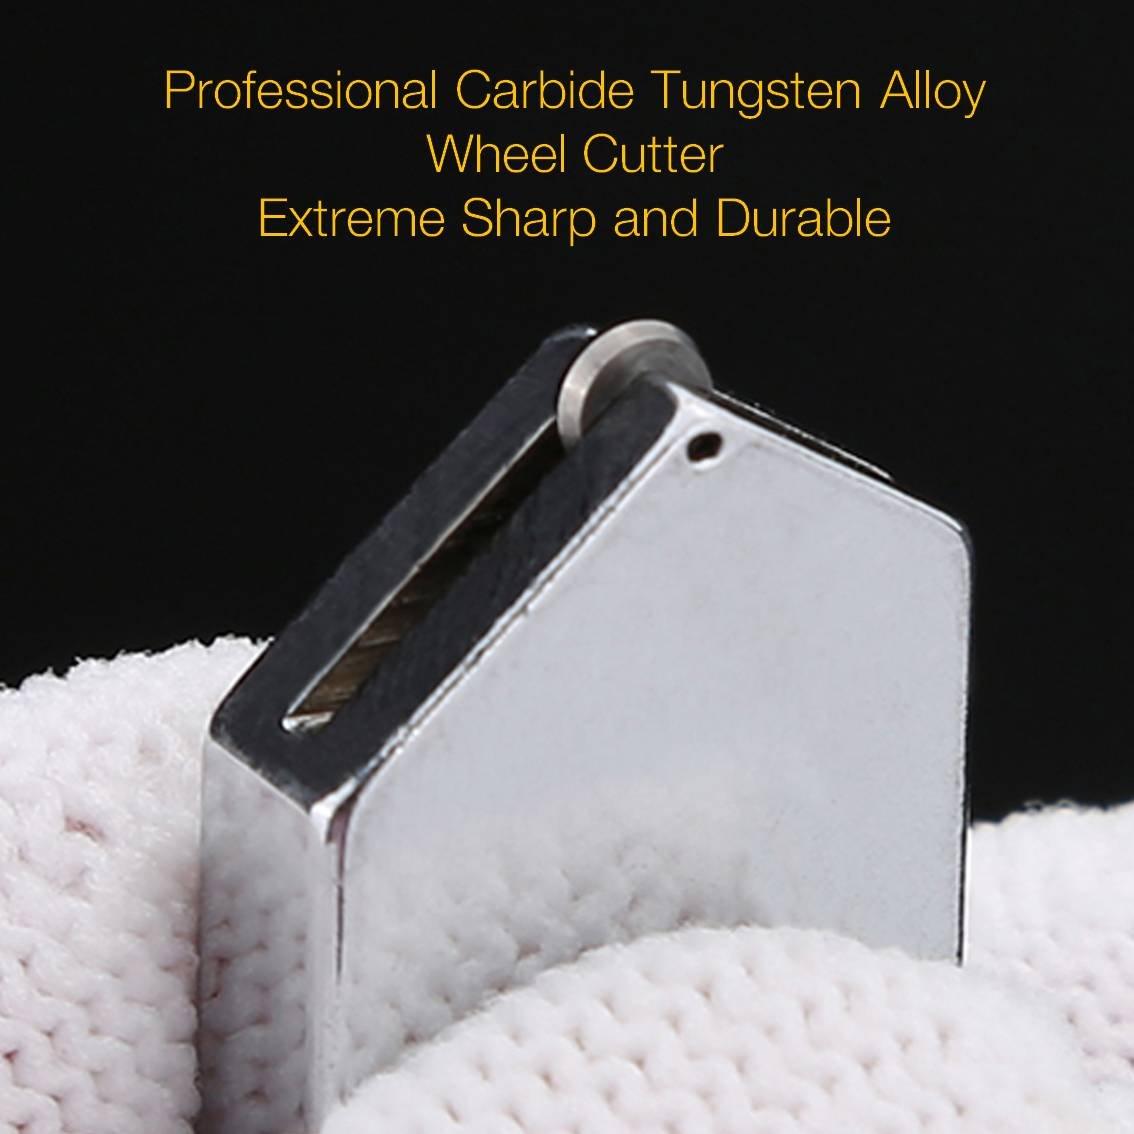 Amazon.com: Herramienta profesional de cortador de vidrio con mango de aleación de tungsteno y carburo con rango de 2-19mm Autocebado para botella de vidrio ...